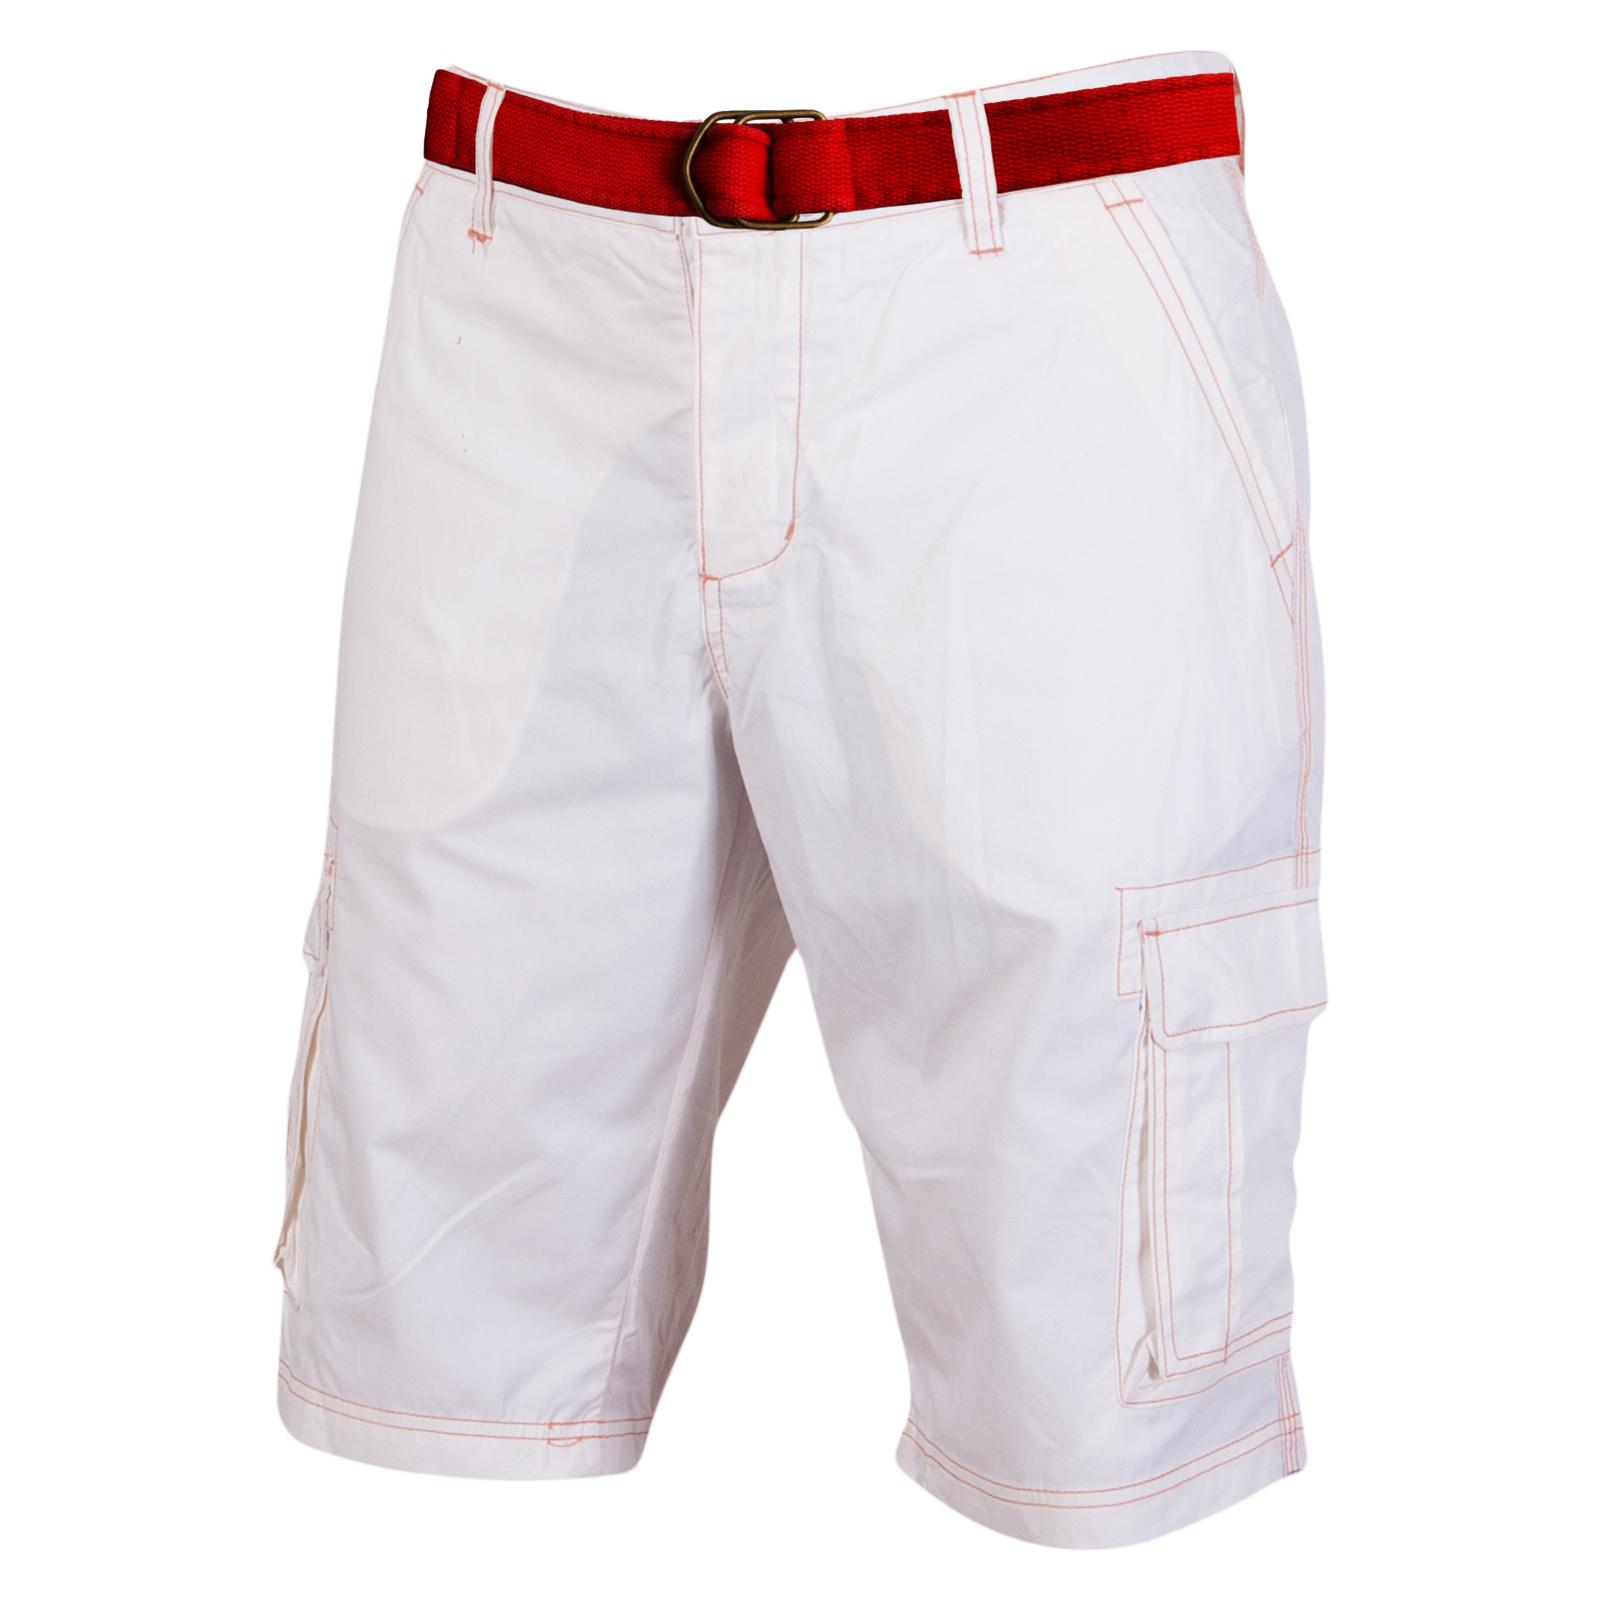 735f779a291 Мужские белые шорты с красным ремнем. Купить мужские белые шорты недорого  ...